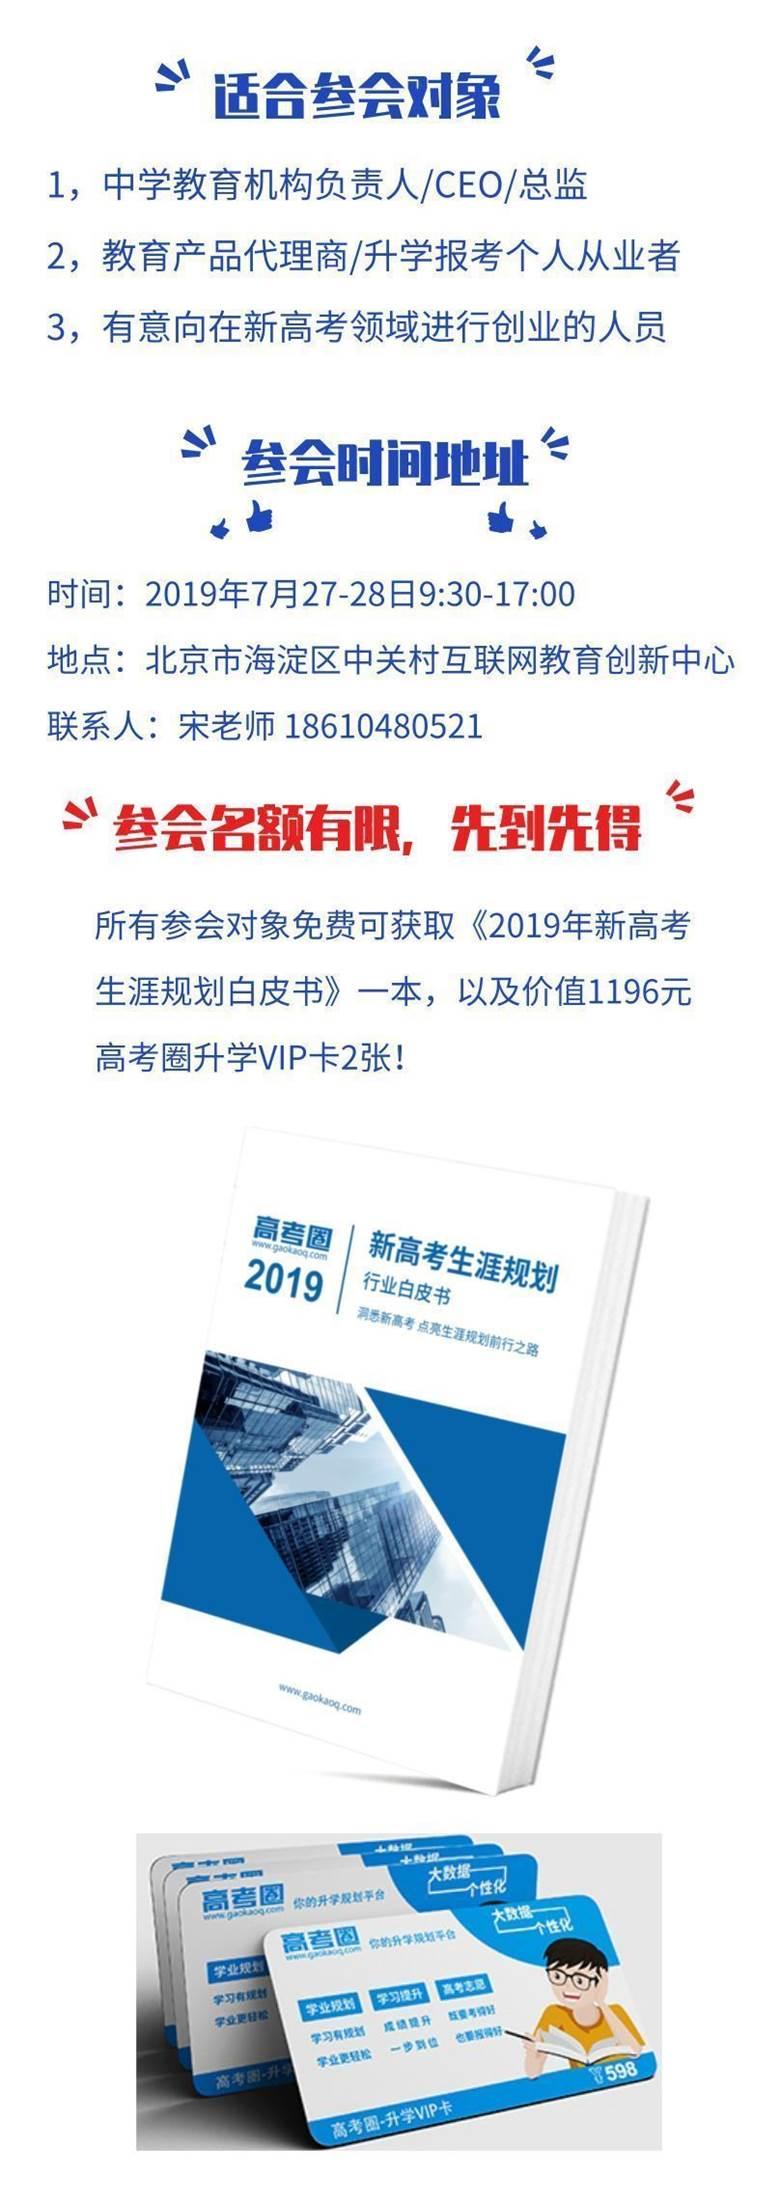 默认标题_自定义px_2019.07.10.jpg